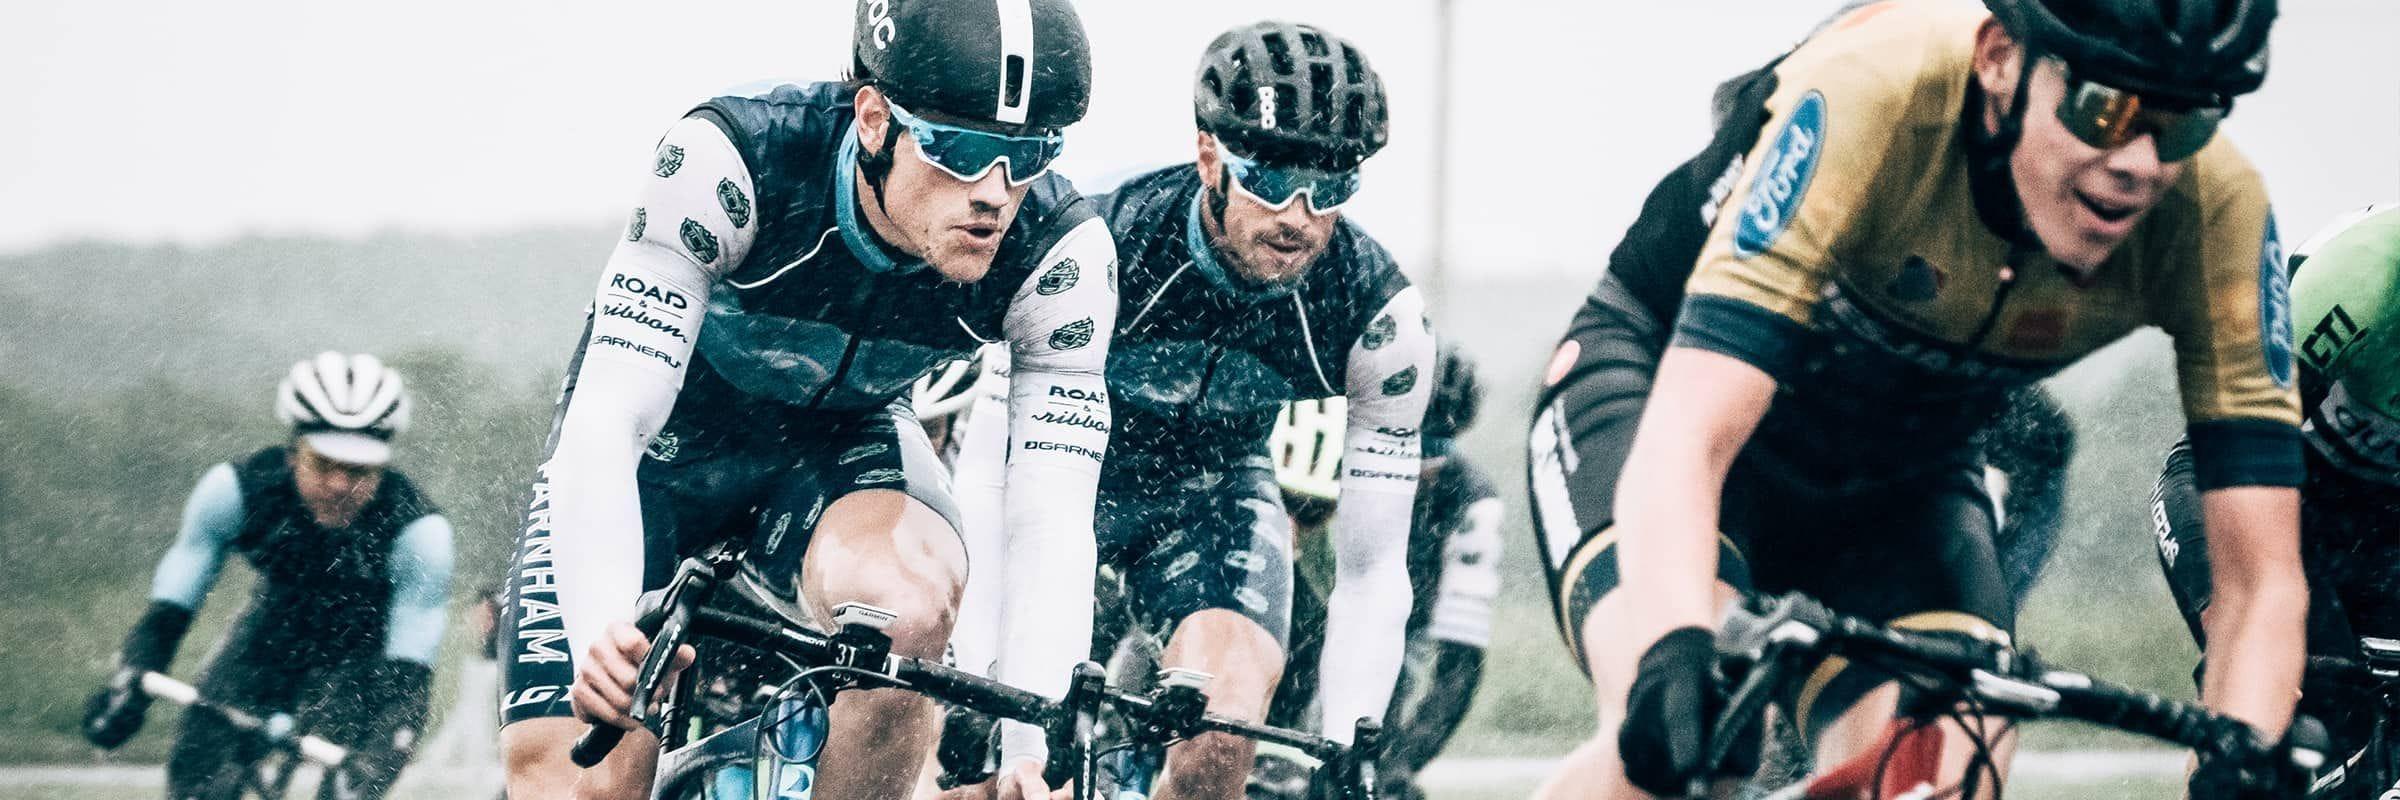 Garneau: une marque au coeur du cyclisme